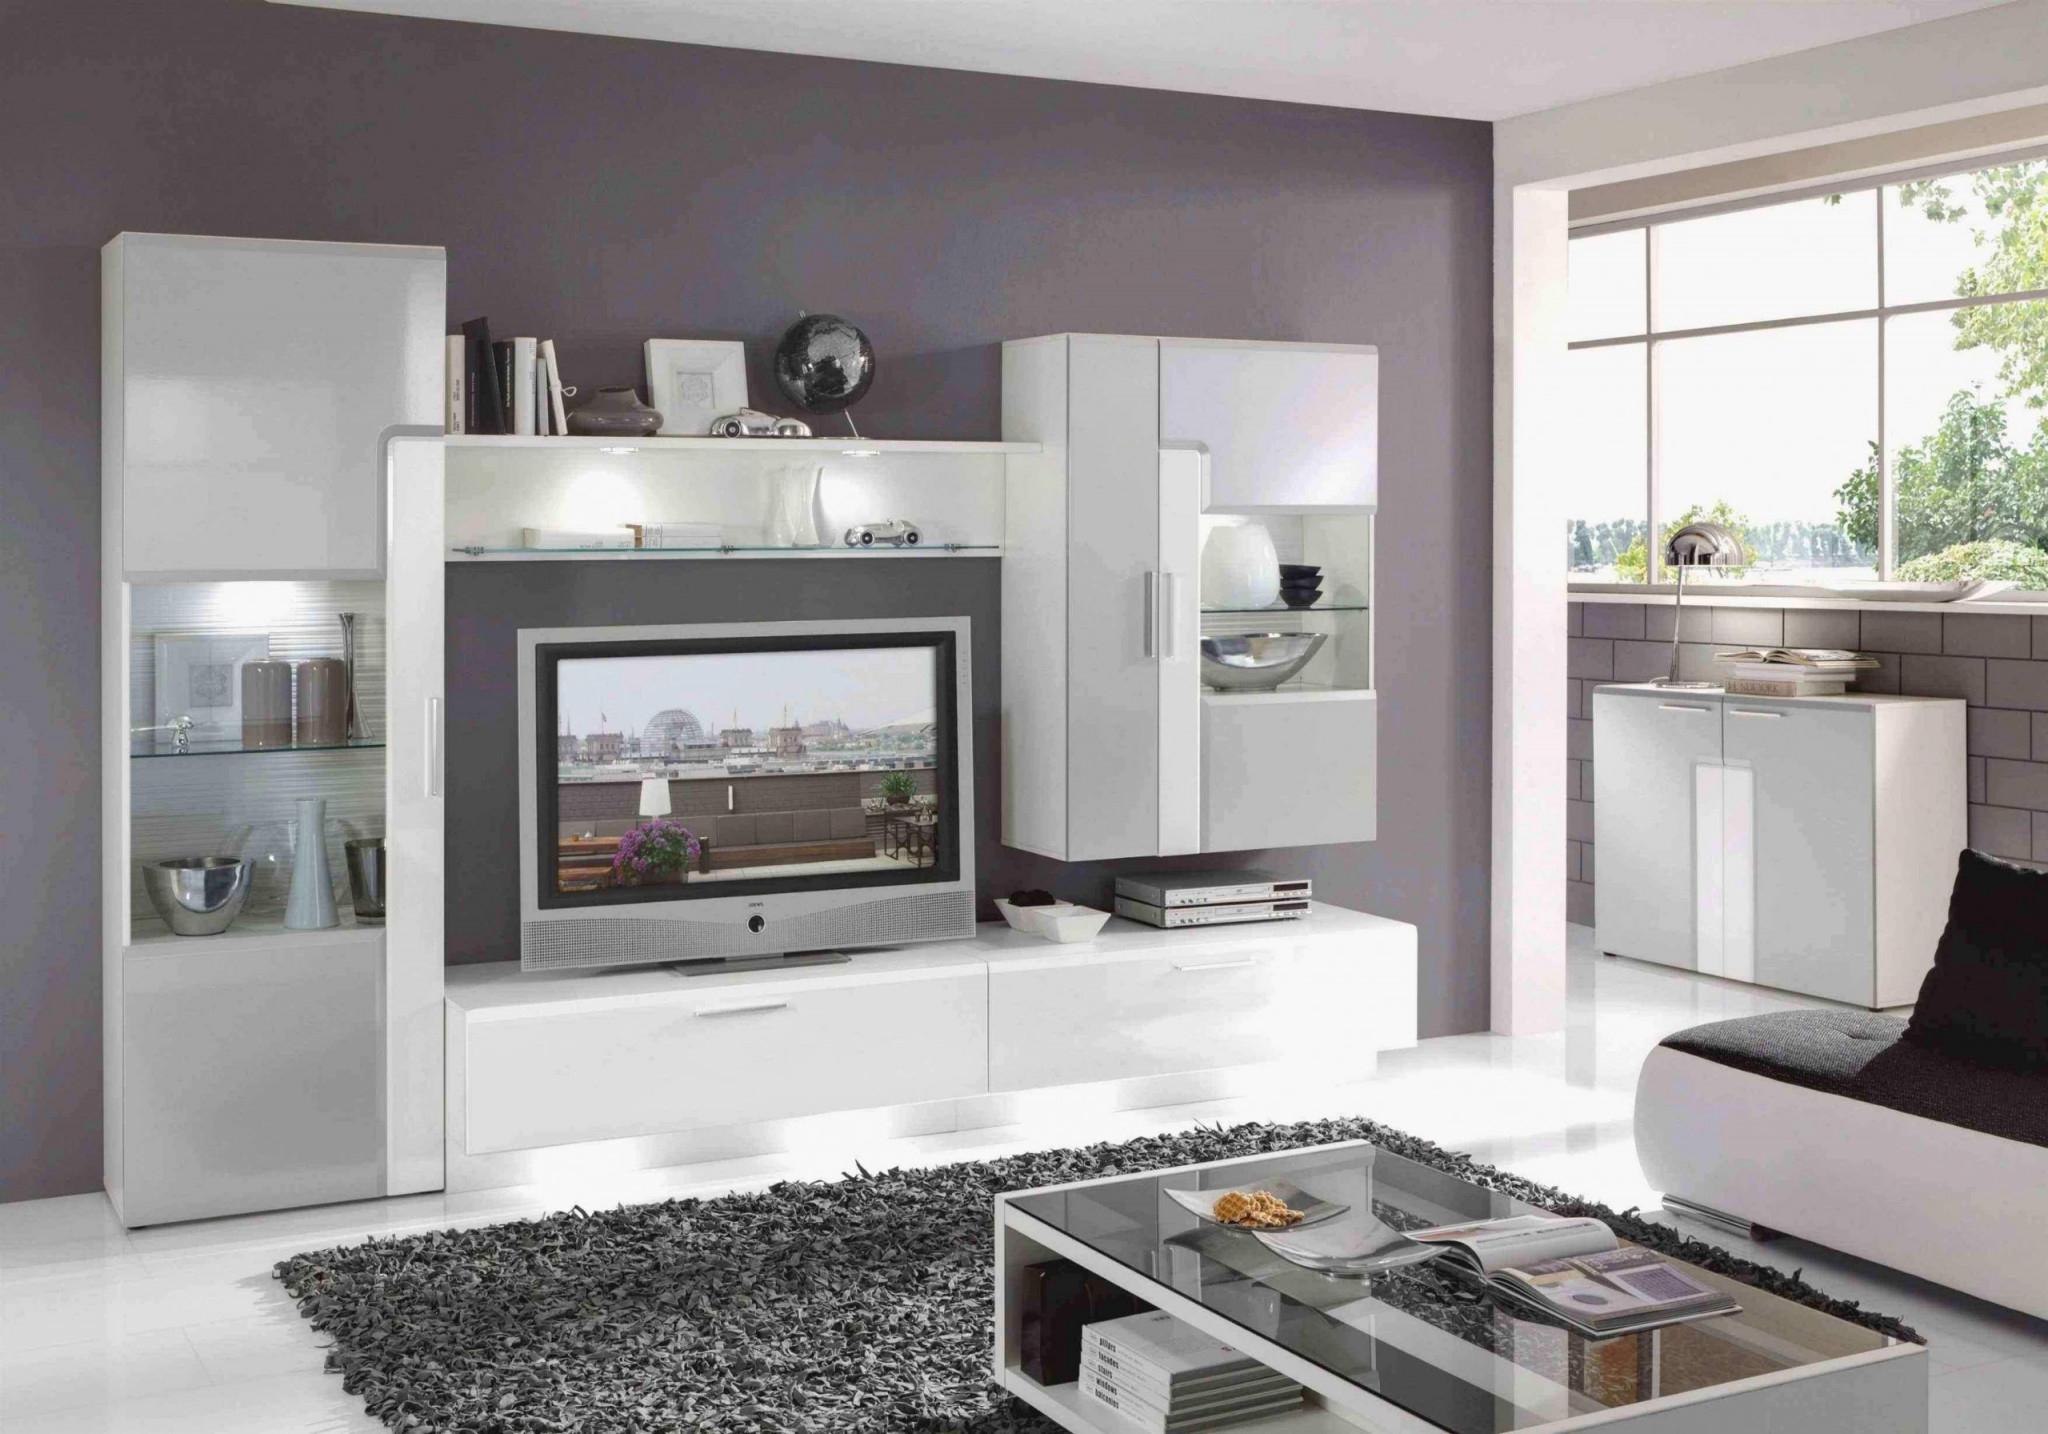 Wohnzimmer Farblich Gestalten Schön Luxury Wohnzimmer von Wohnzimmer Farbig Gestalten Bild